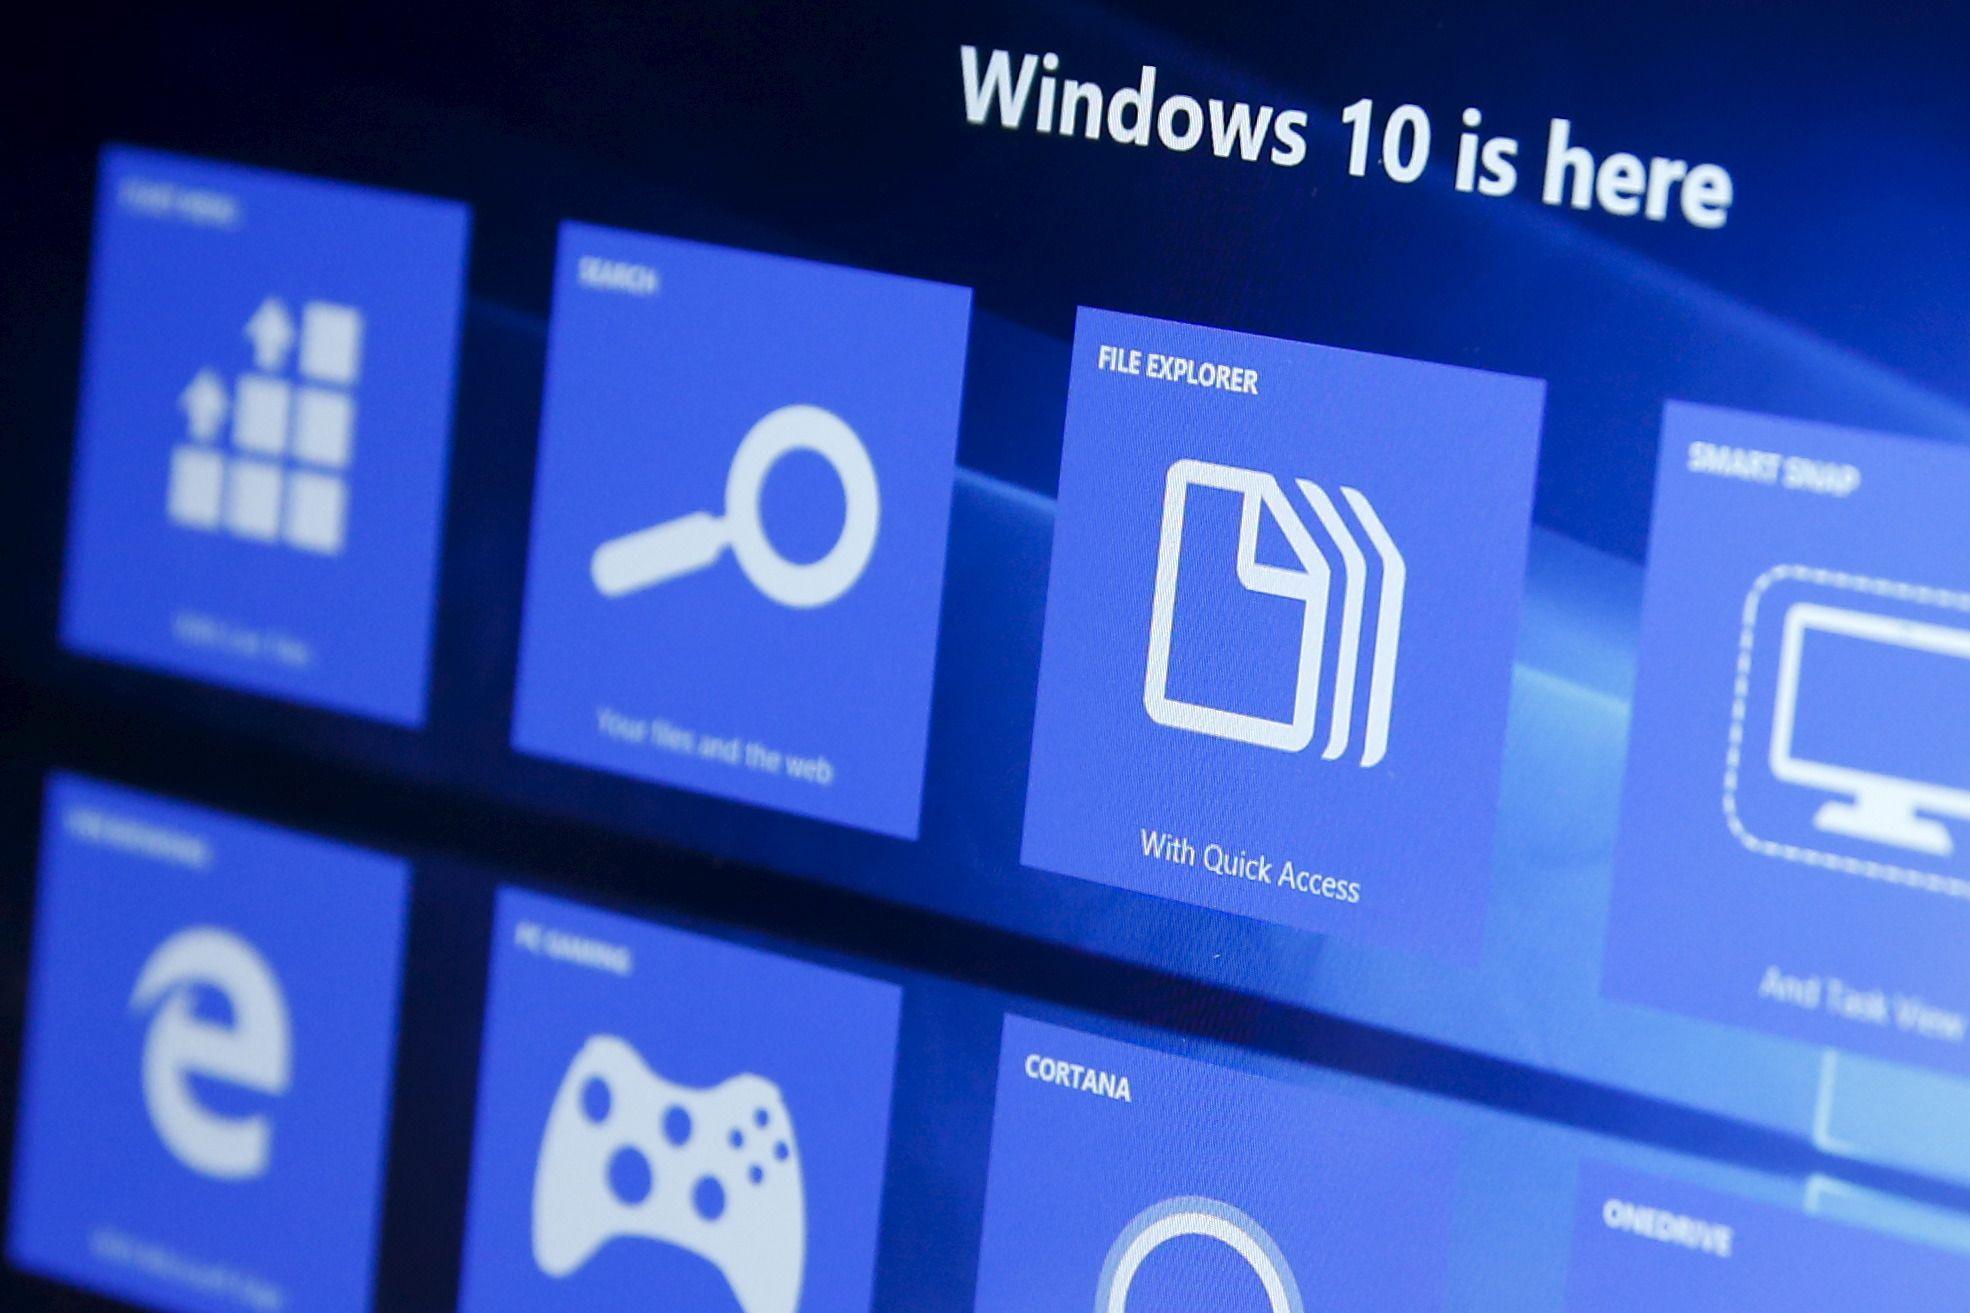 Ce qu'il faut attendre de la nouvelle mise à jour de Windows 10